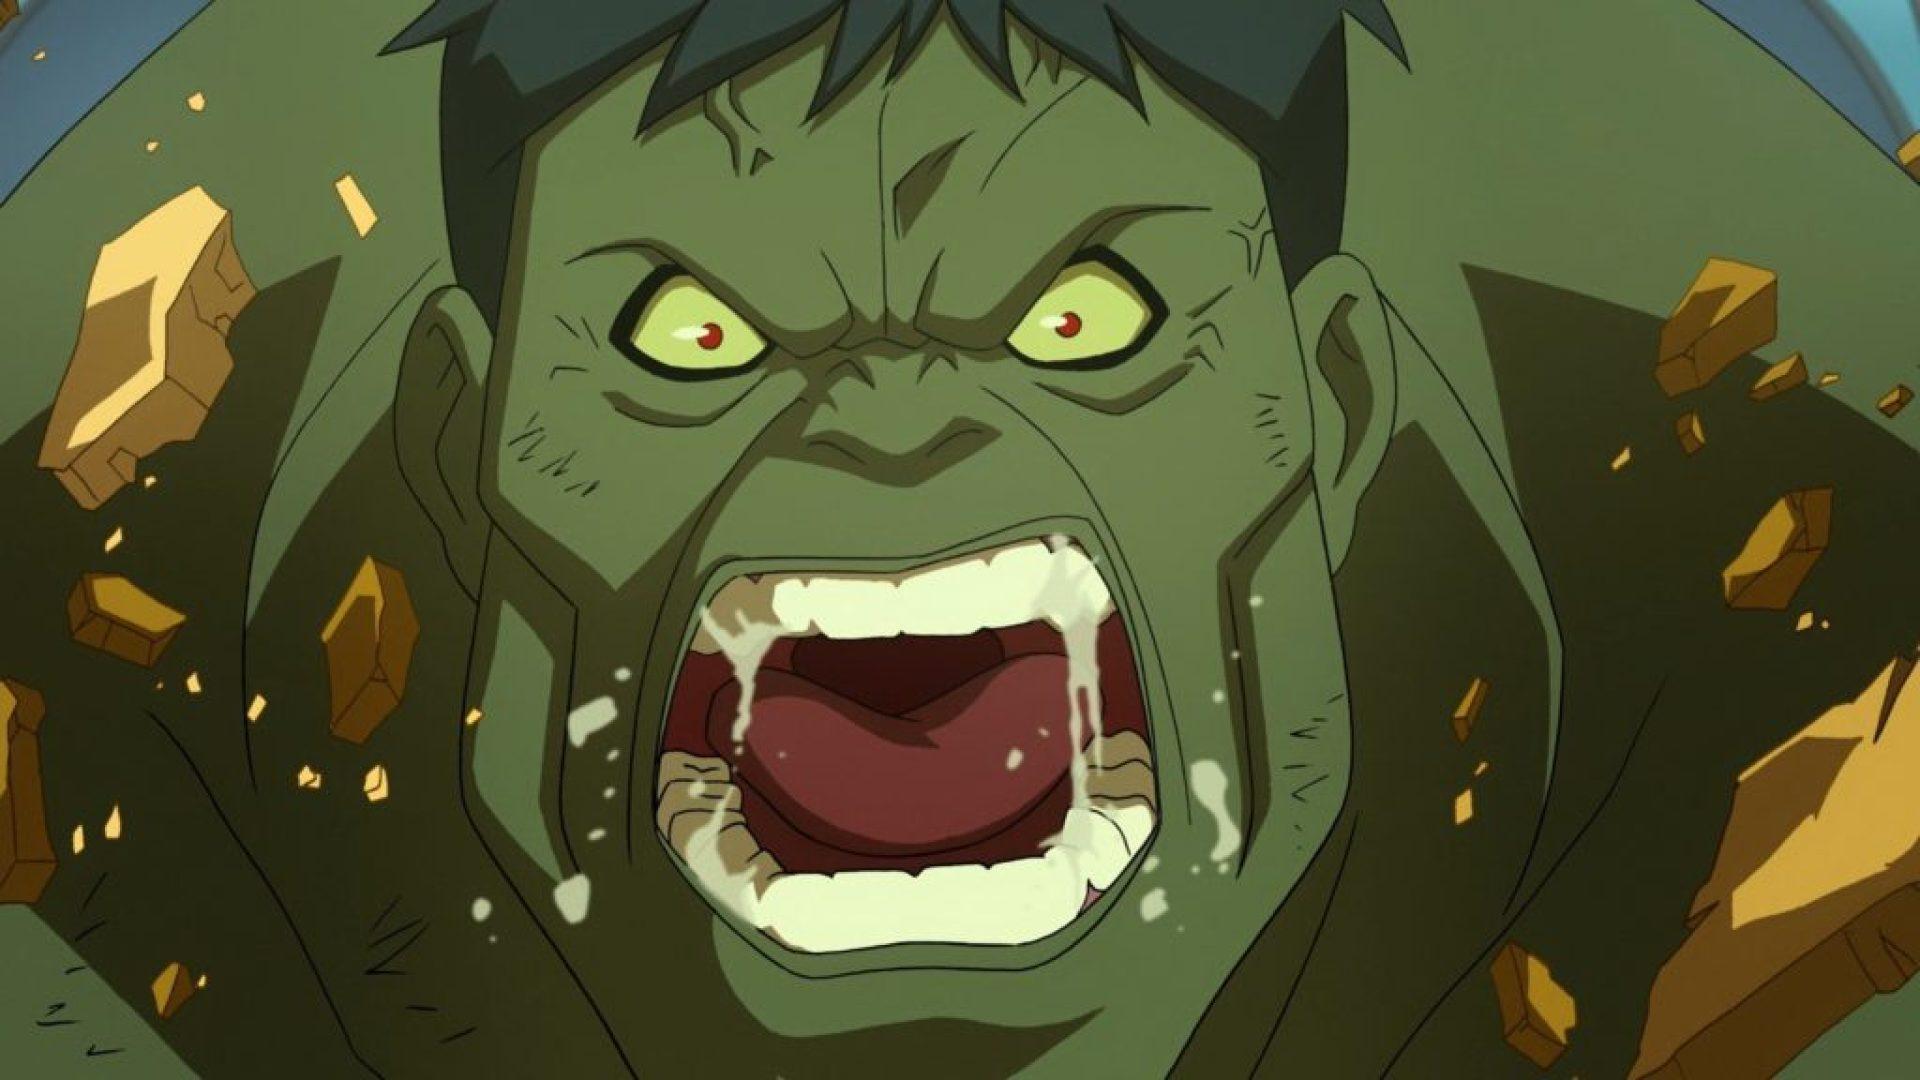 Hulk might be angry